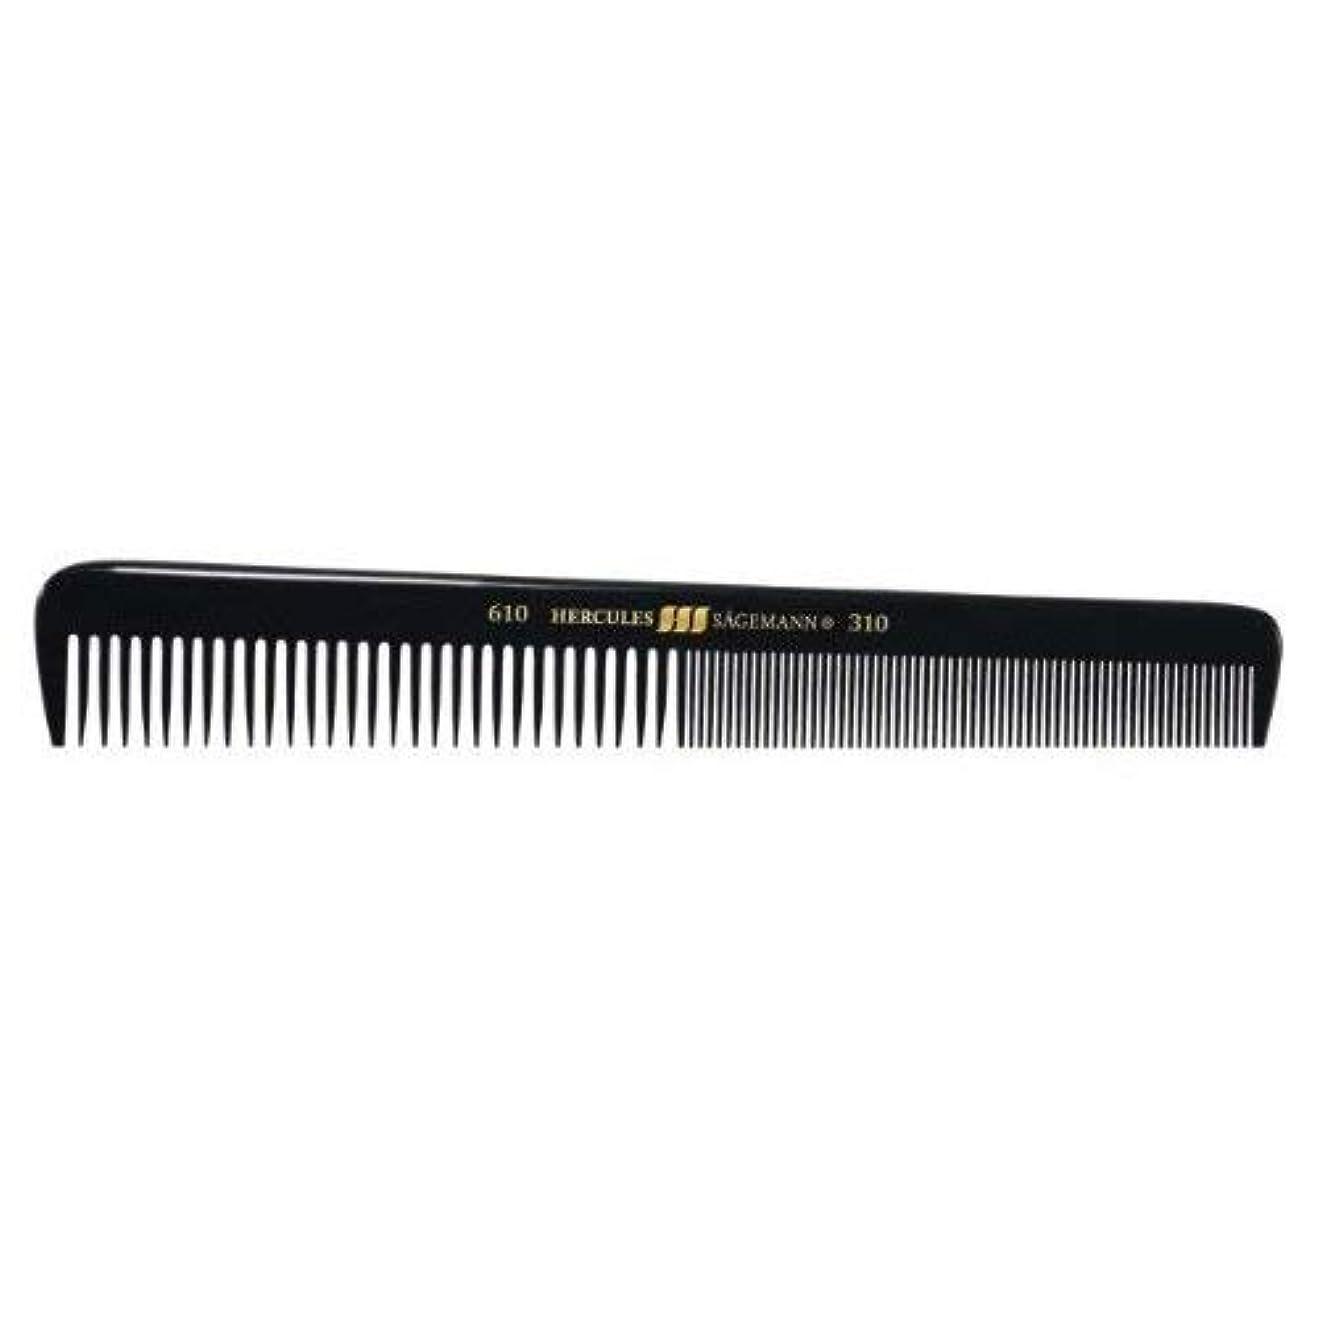 ブロンズ職業安らぎHercules S?gemann Gents Comb for short hair | Ebonite - Made in Germany [並行輸入品]